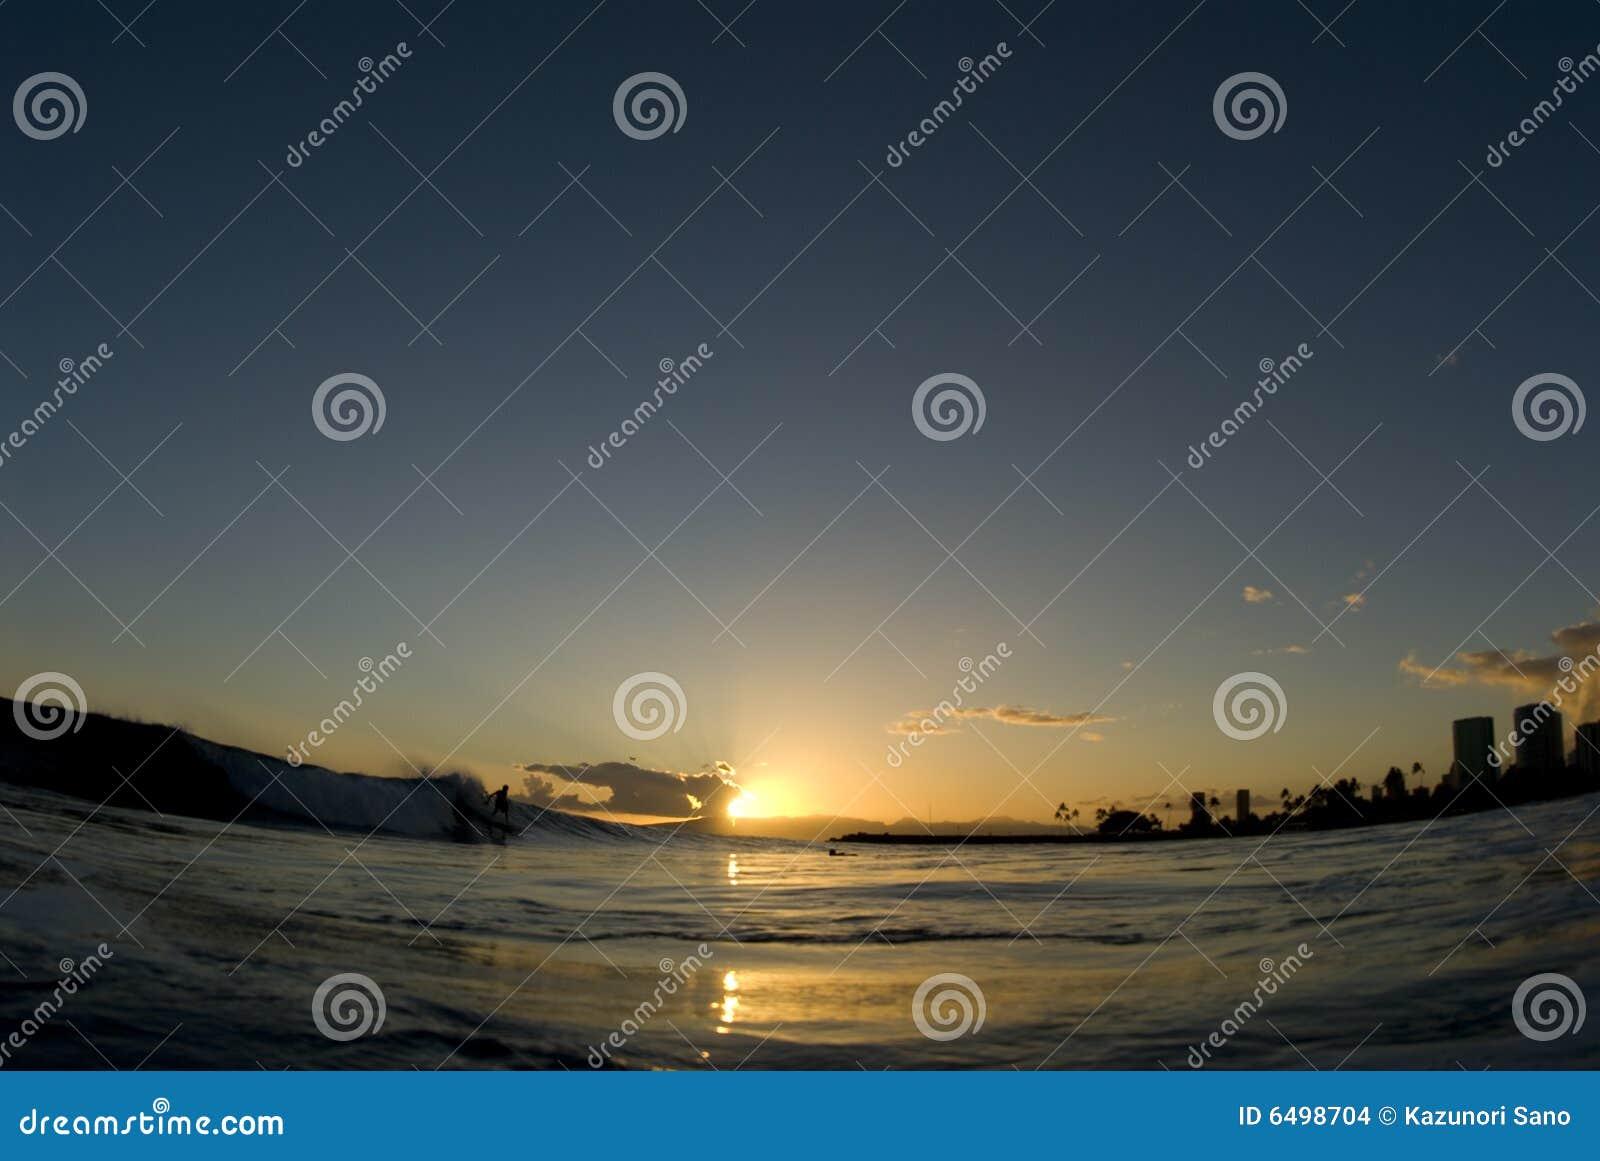 Die letzte Welle des Tages